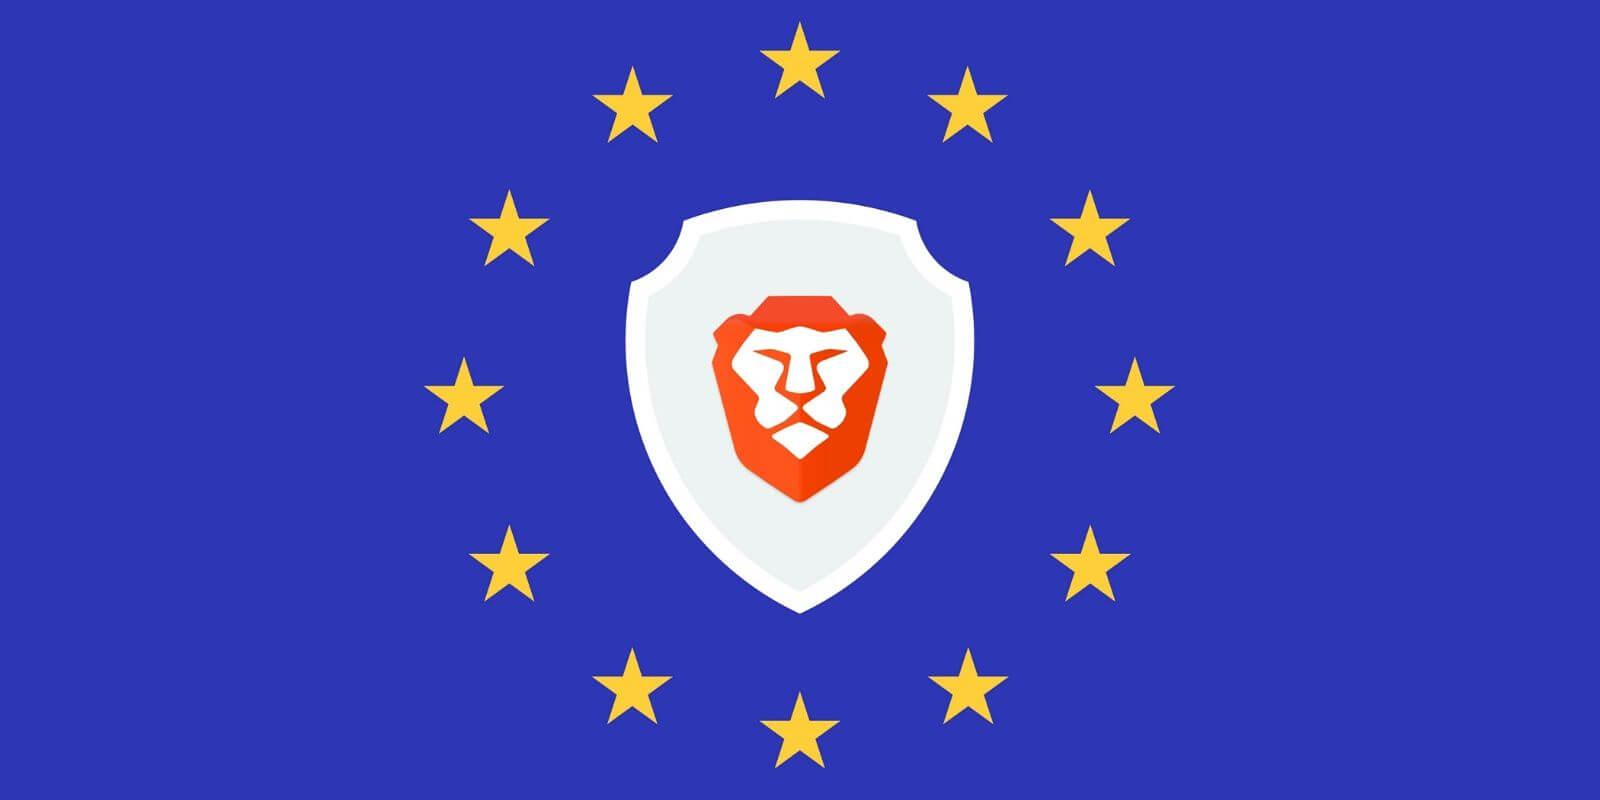 Brave accuse les gouvernements européens de ne pas suffisamment protéger les données de leurs citoyens